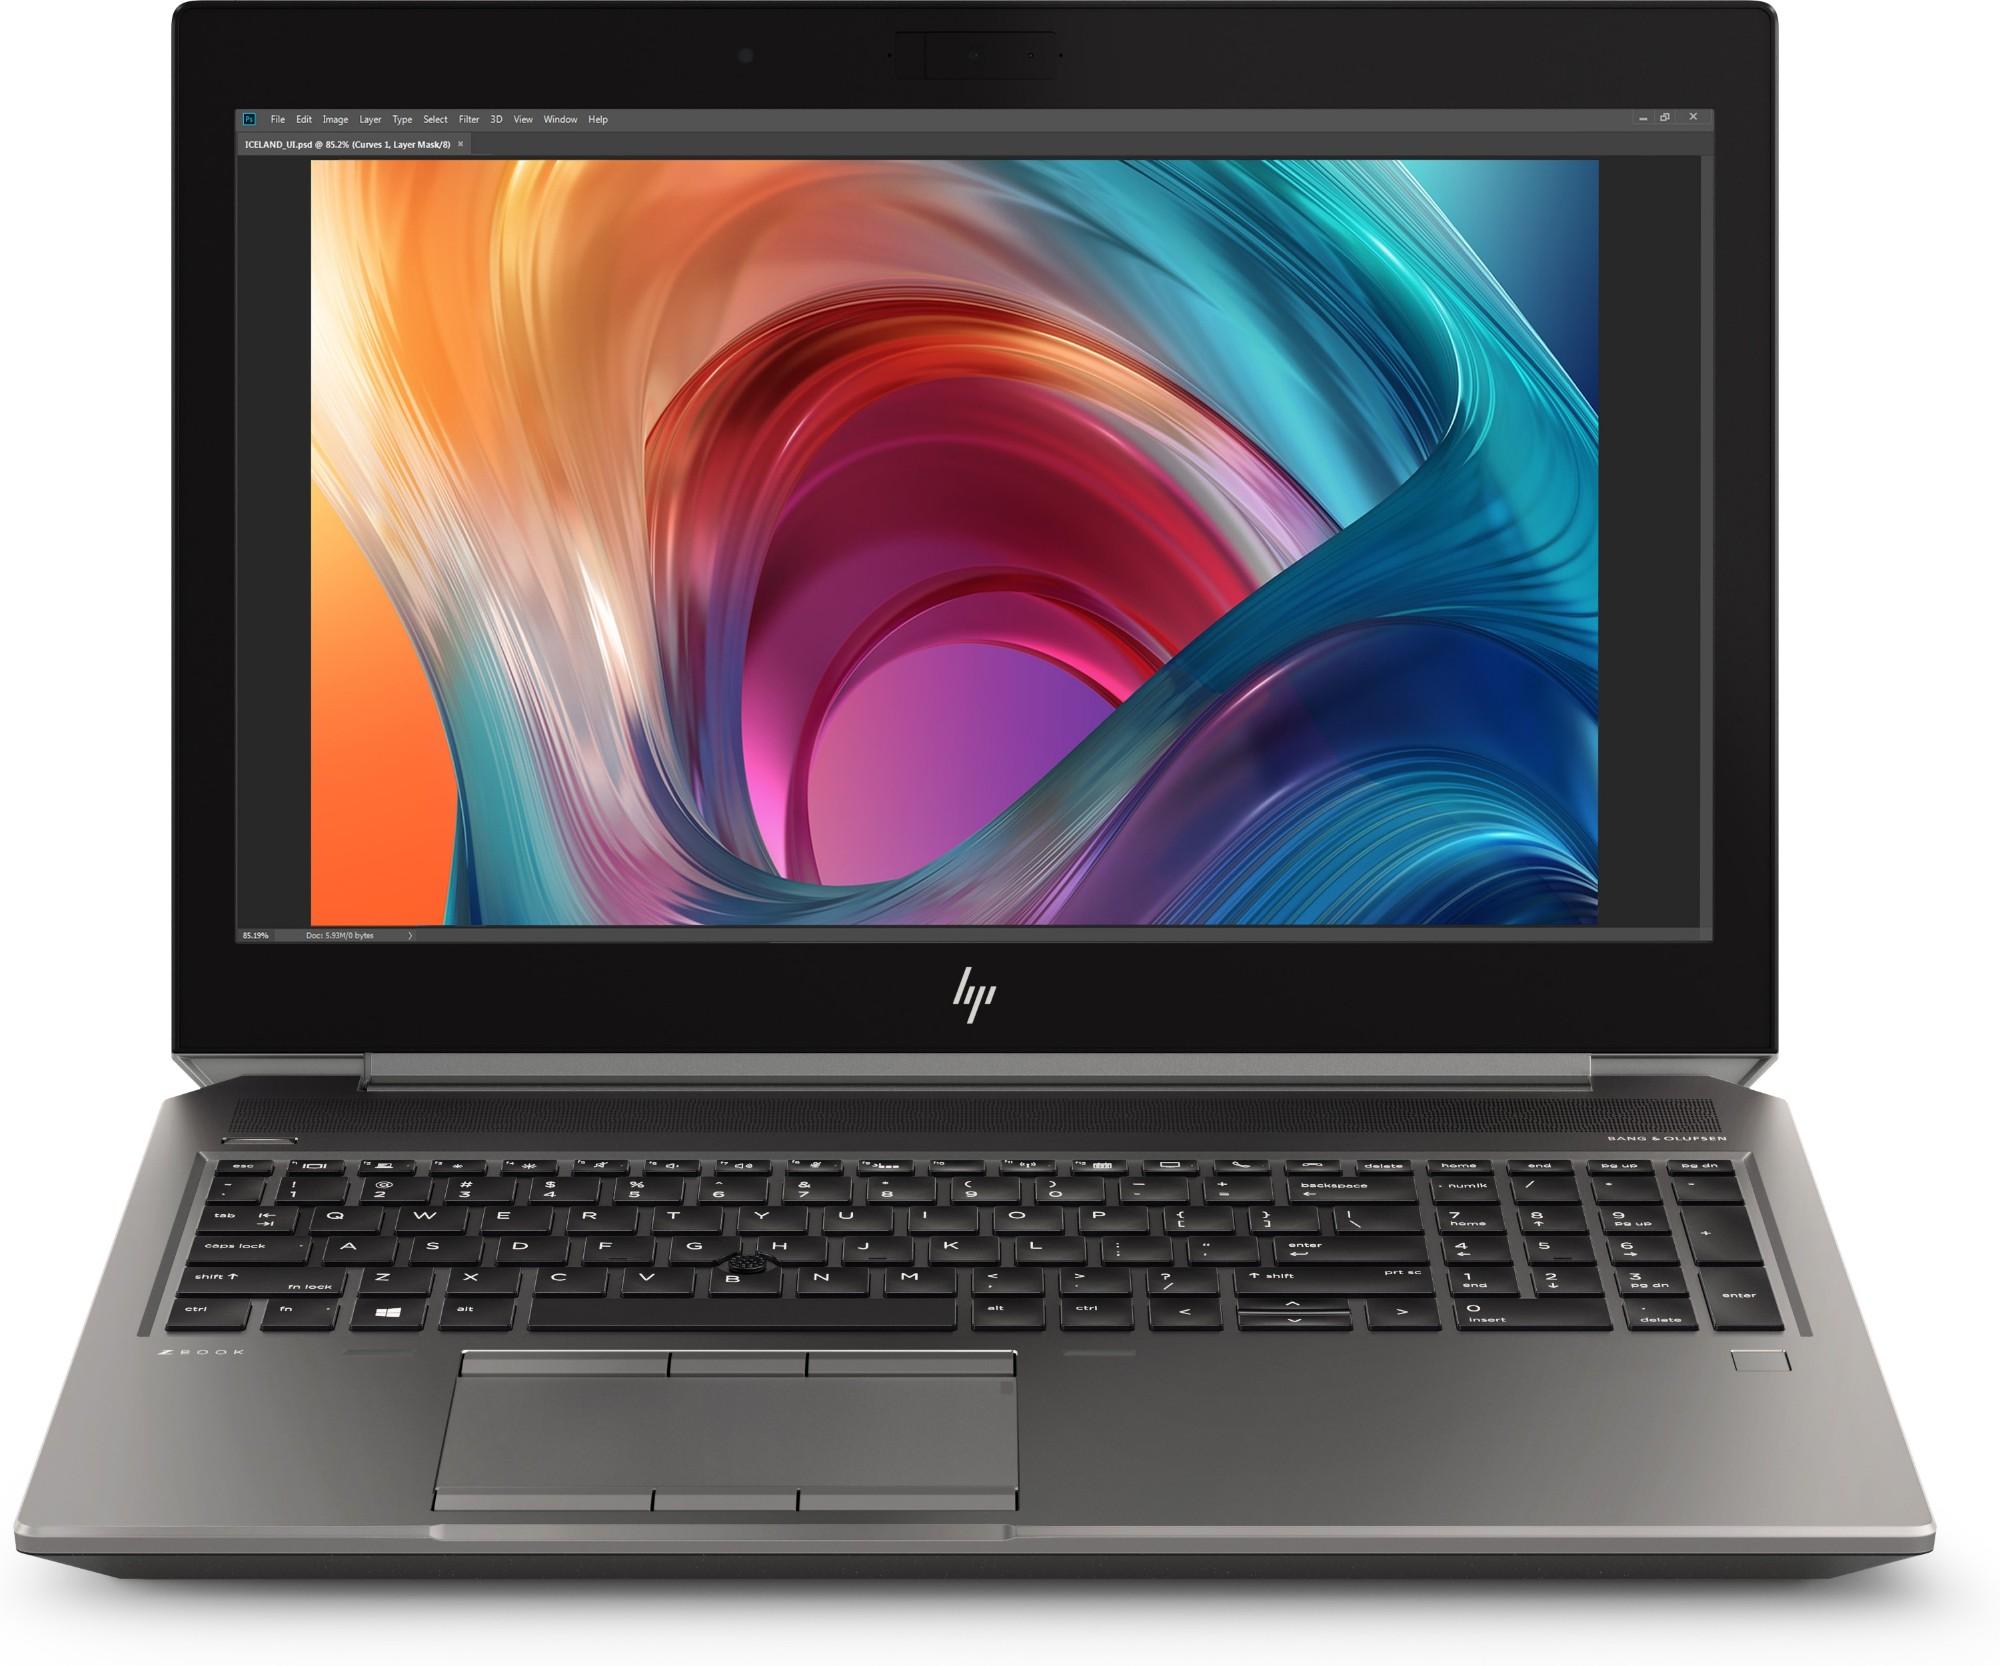 ZBook 15 G6 i7-9850H/16GB/256GBM2/15.6